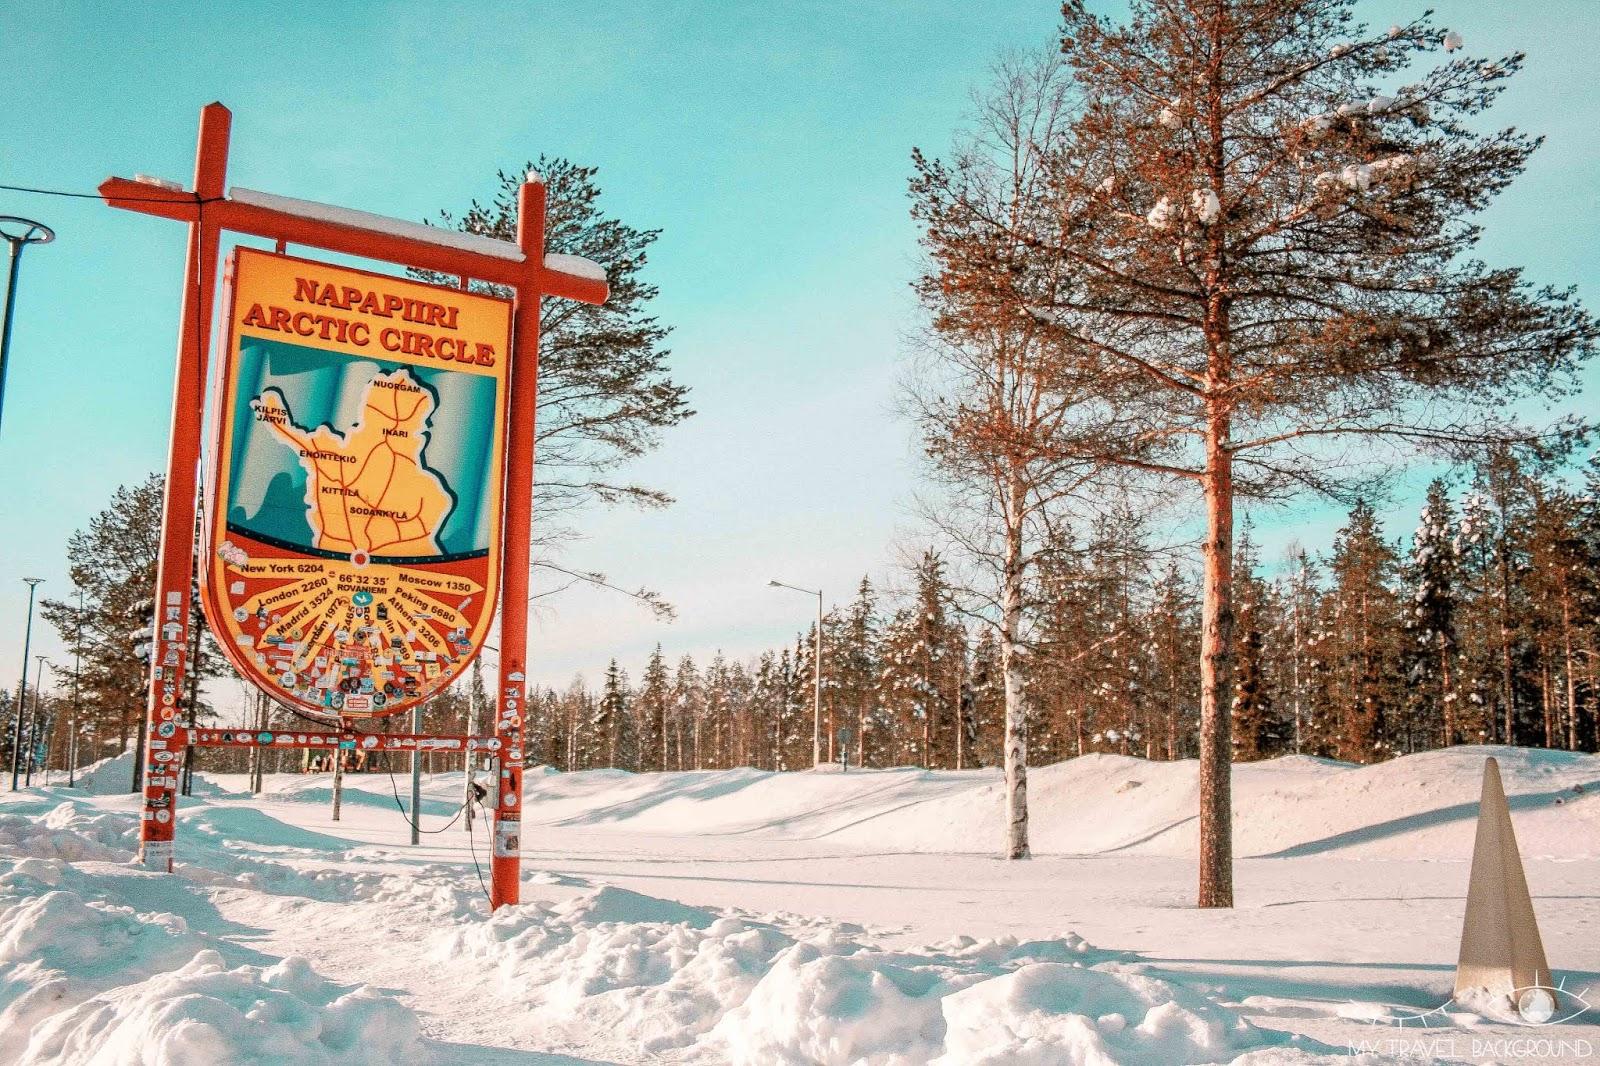 My Travel Background : le jour où j'ai rencontré le Père Noël en Laponie - Napapiiri Arctic Circle - Cercle Polaire Arctique